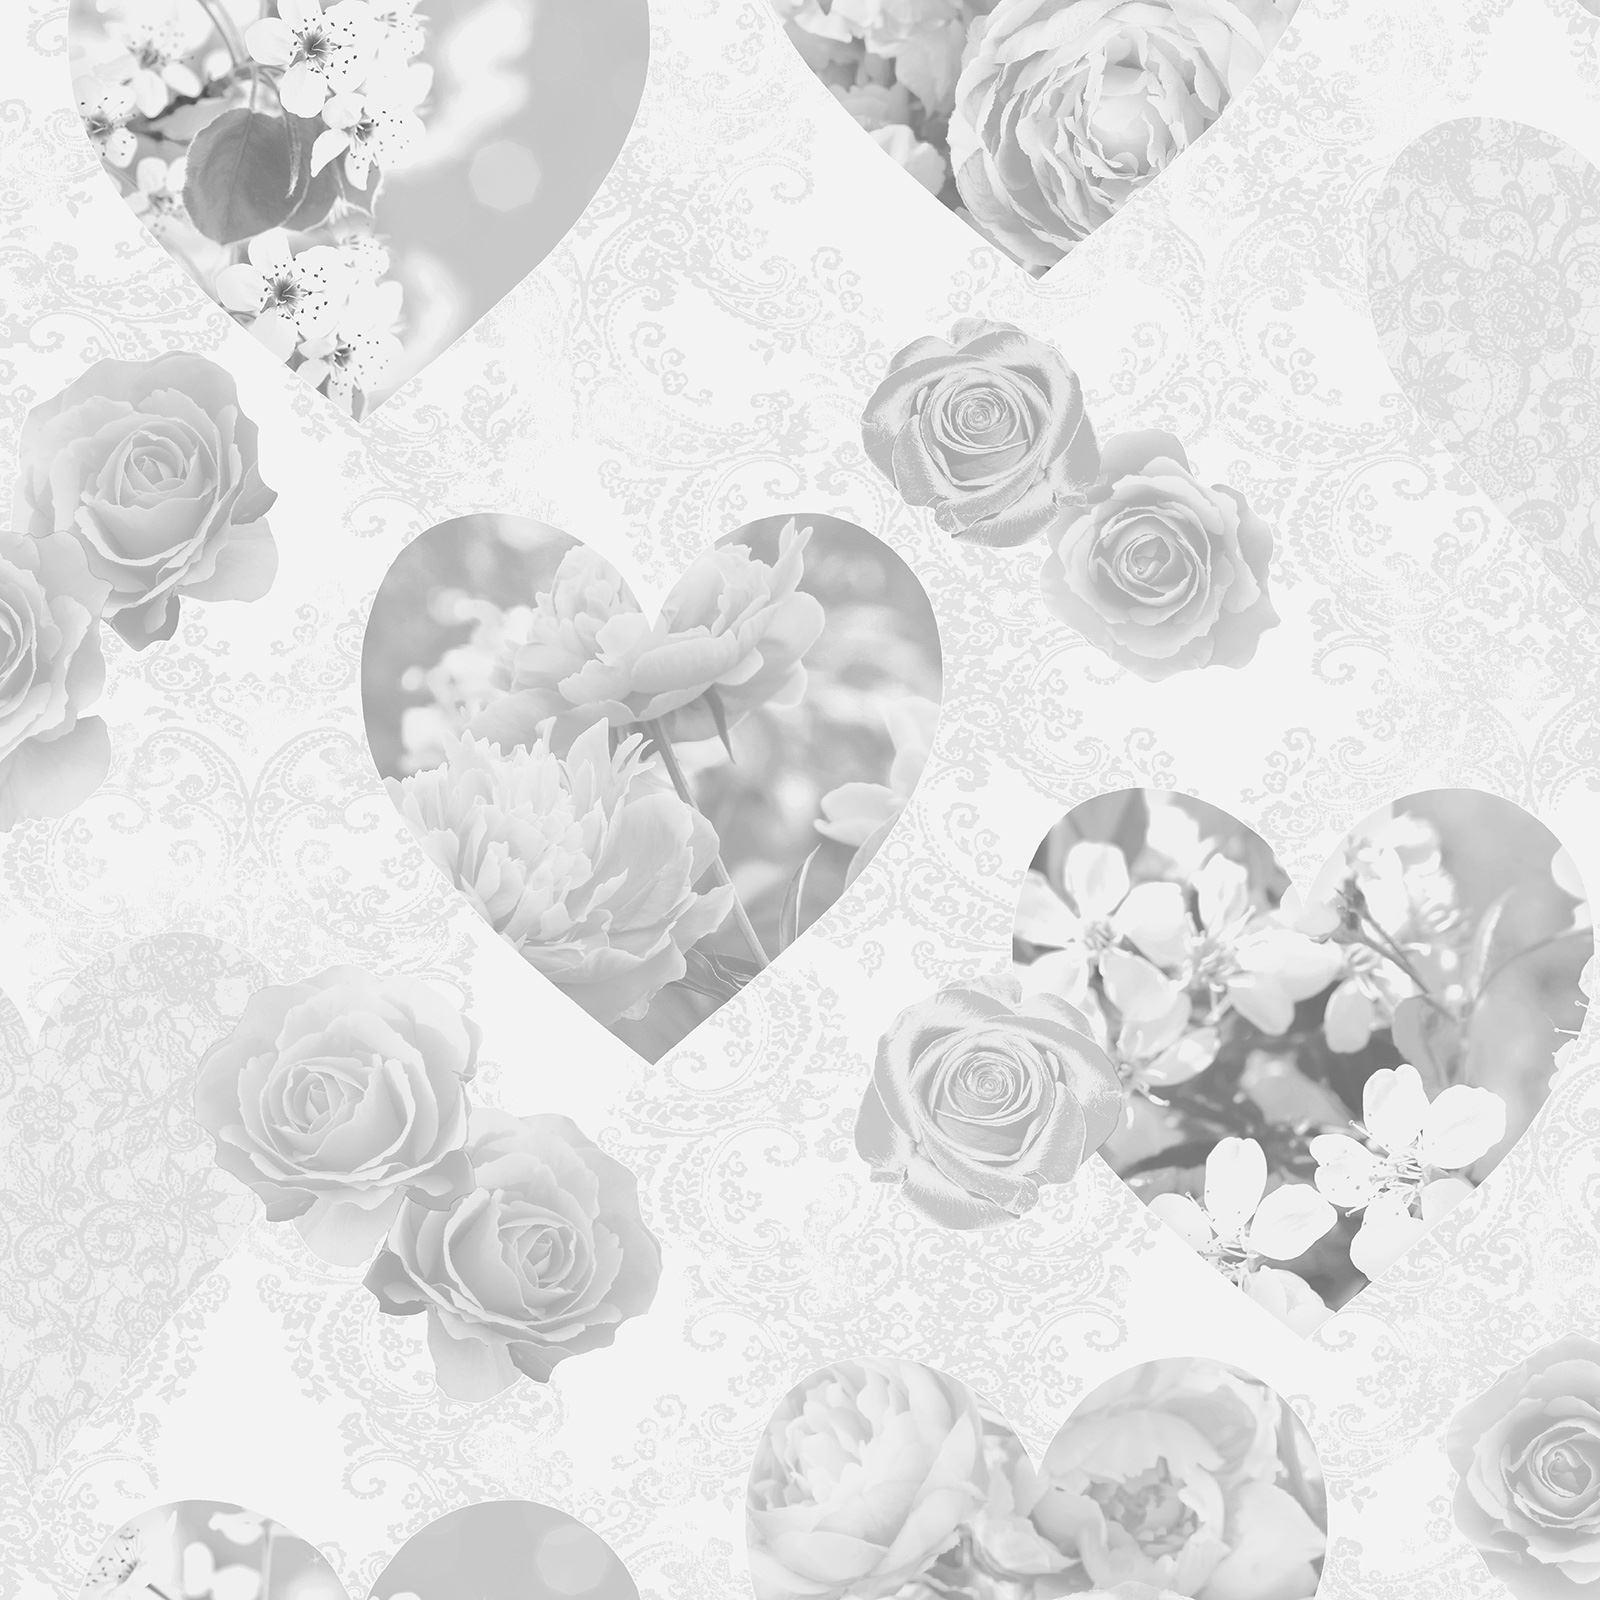 Rose Blanc Floral Pailleté Papier Peint Papillons Coeurs Filles Fleurs Arthouse